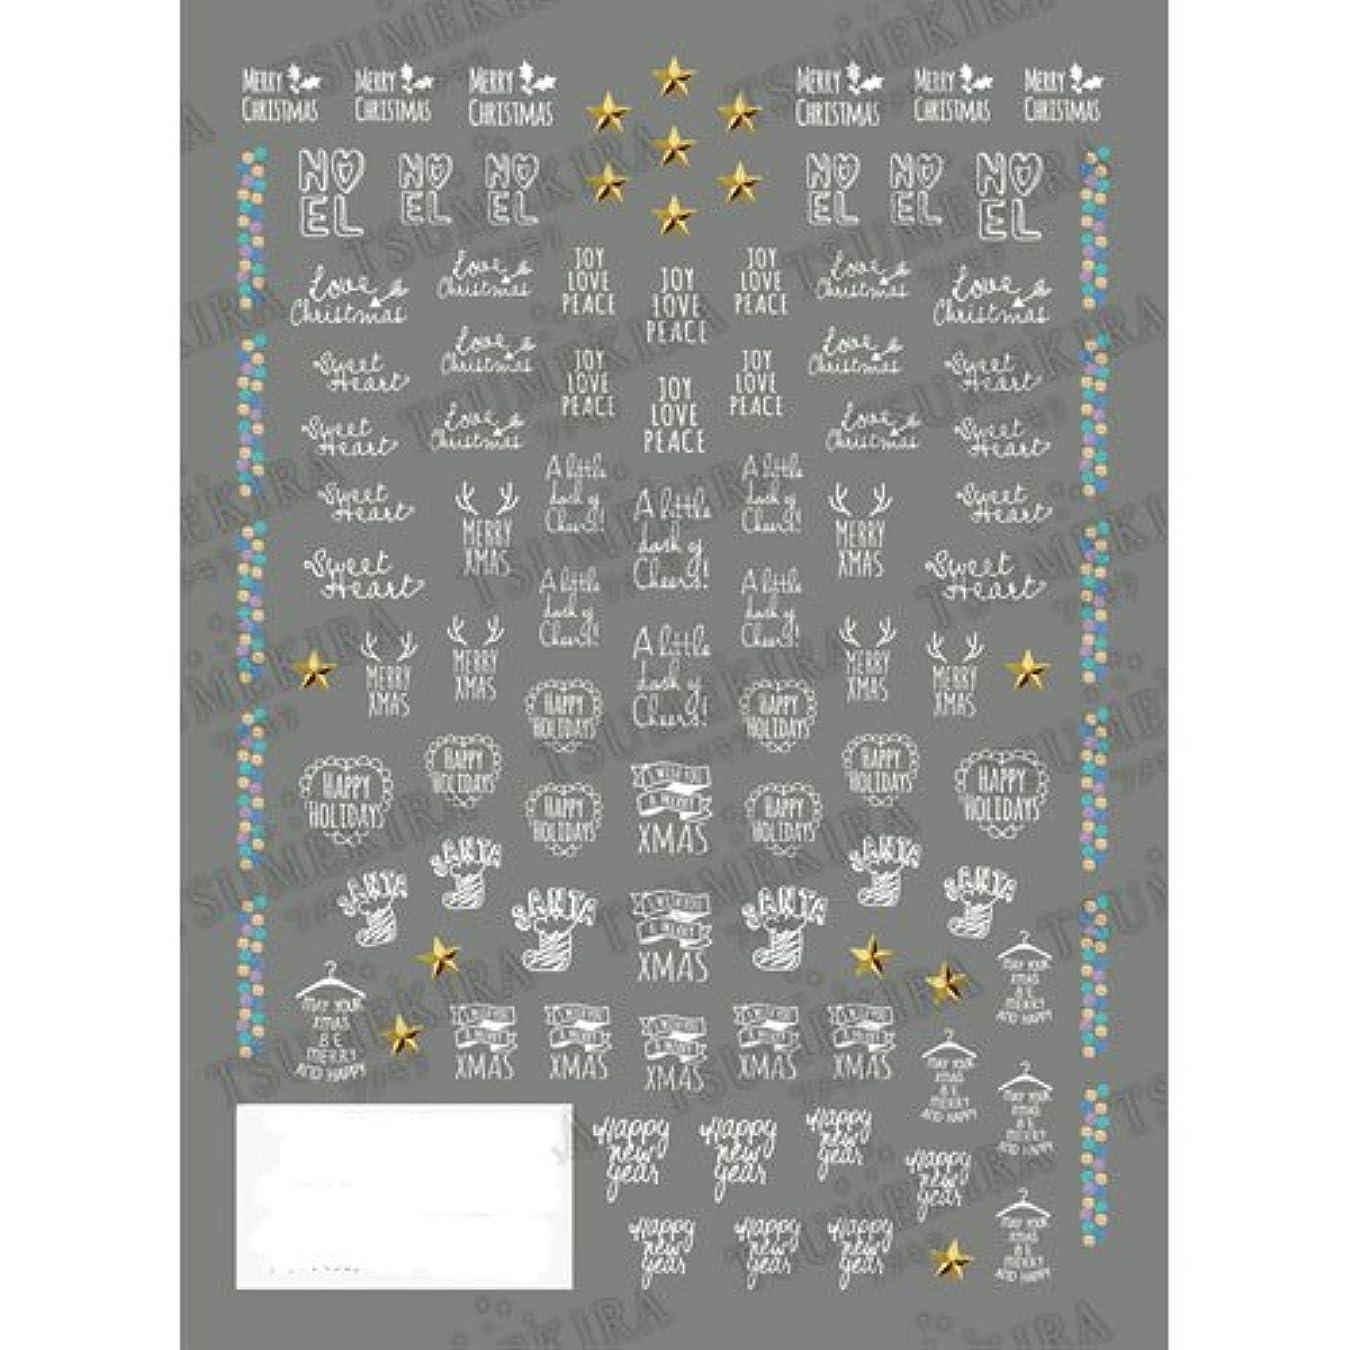 チャペル使用法誘うツメキラ ネイル用シール クリスマスツメッセージ ホワイト